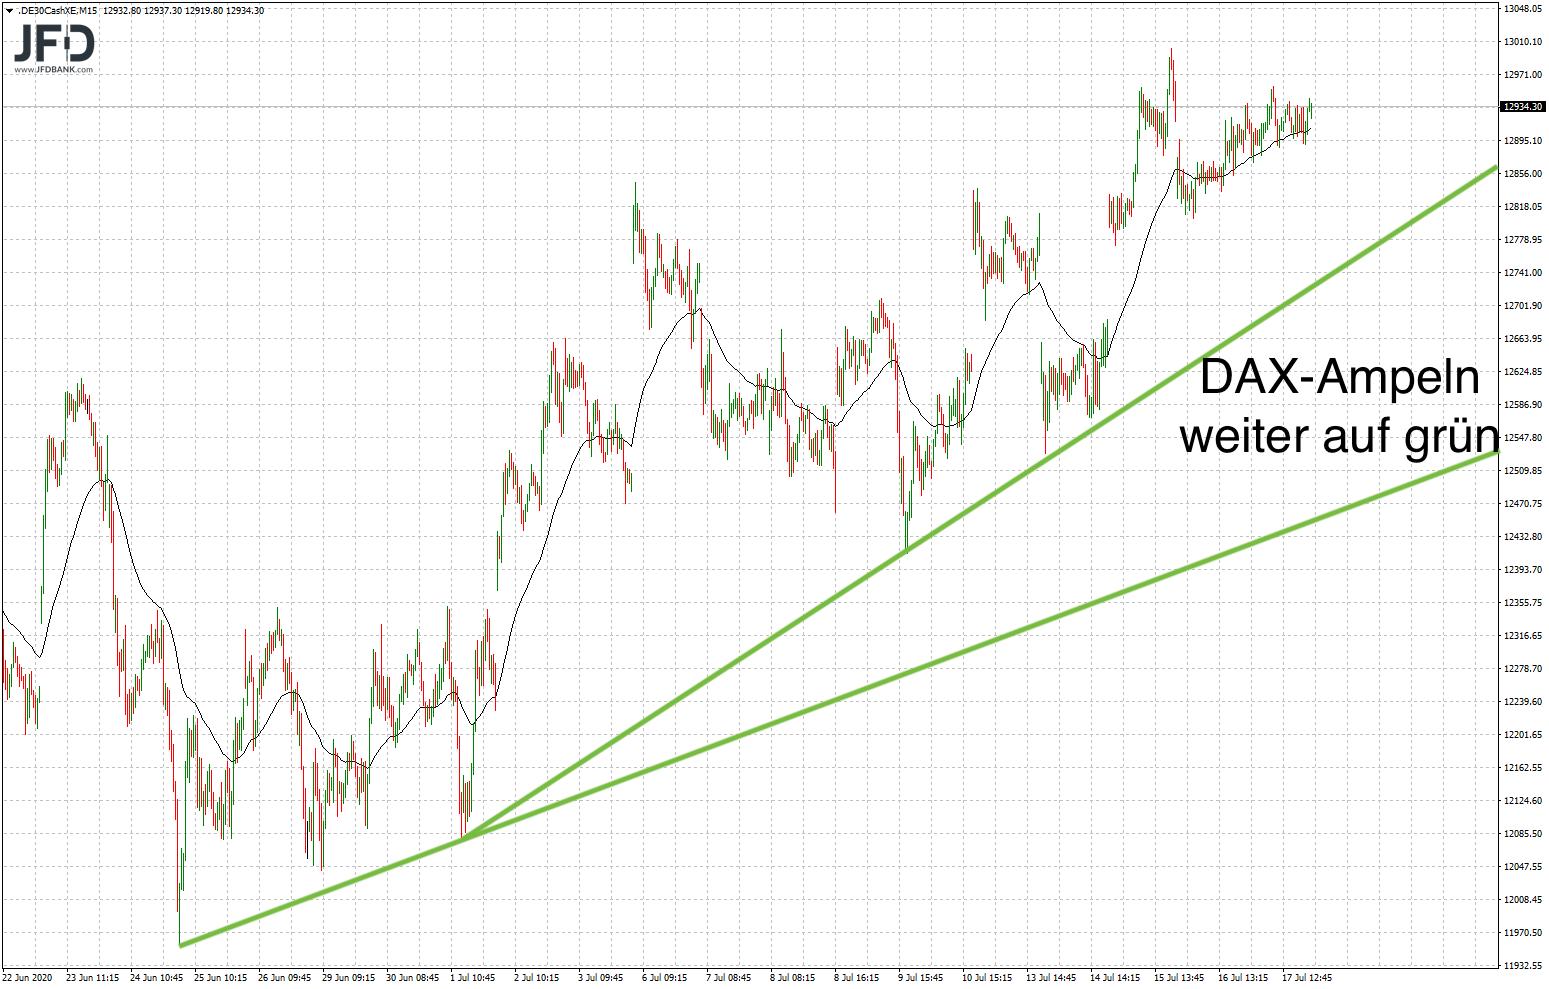 Mittelfristige DAX-Trendlinien